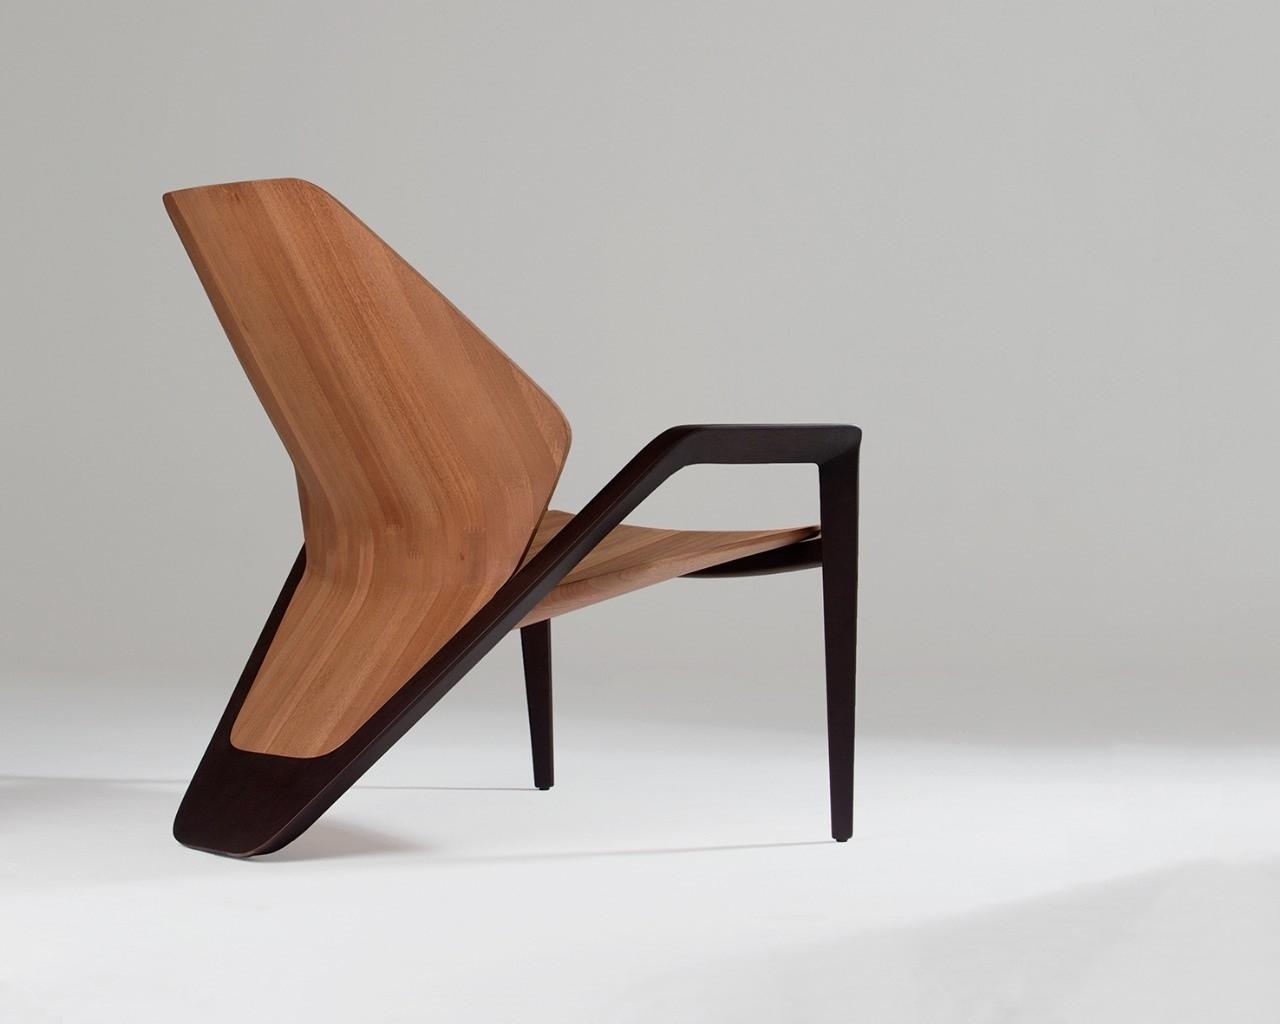 Cadeira - Índio da Costa (Foto: Divulgação)